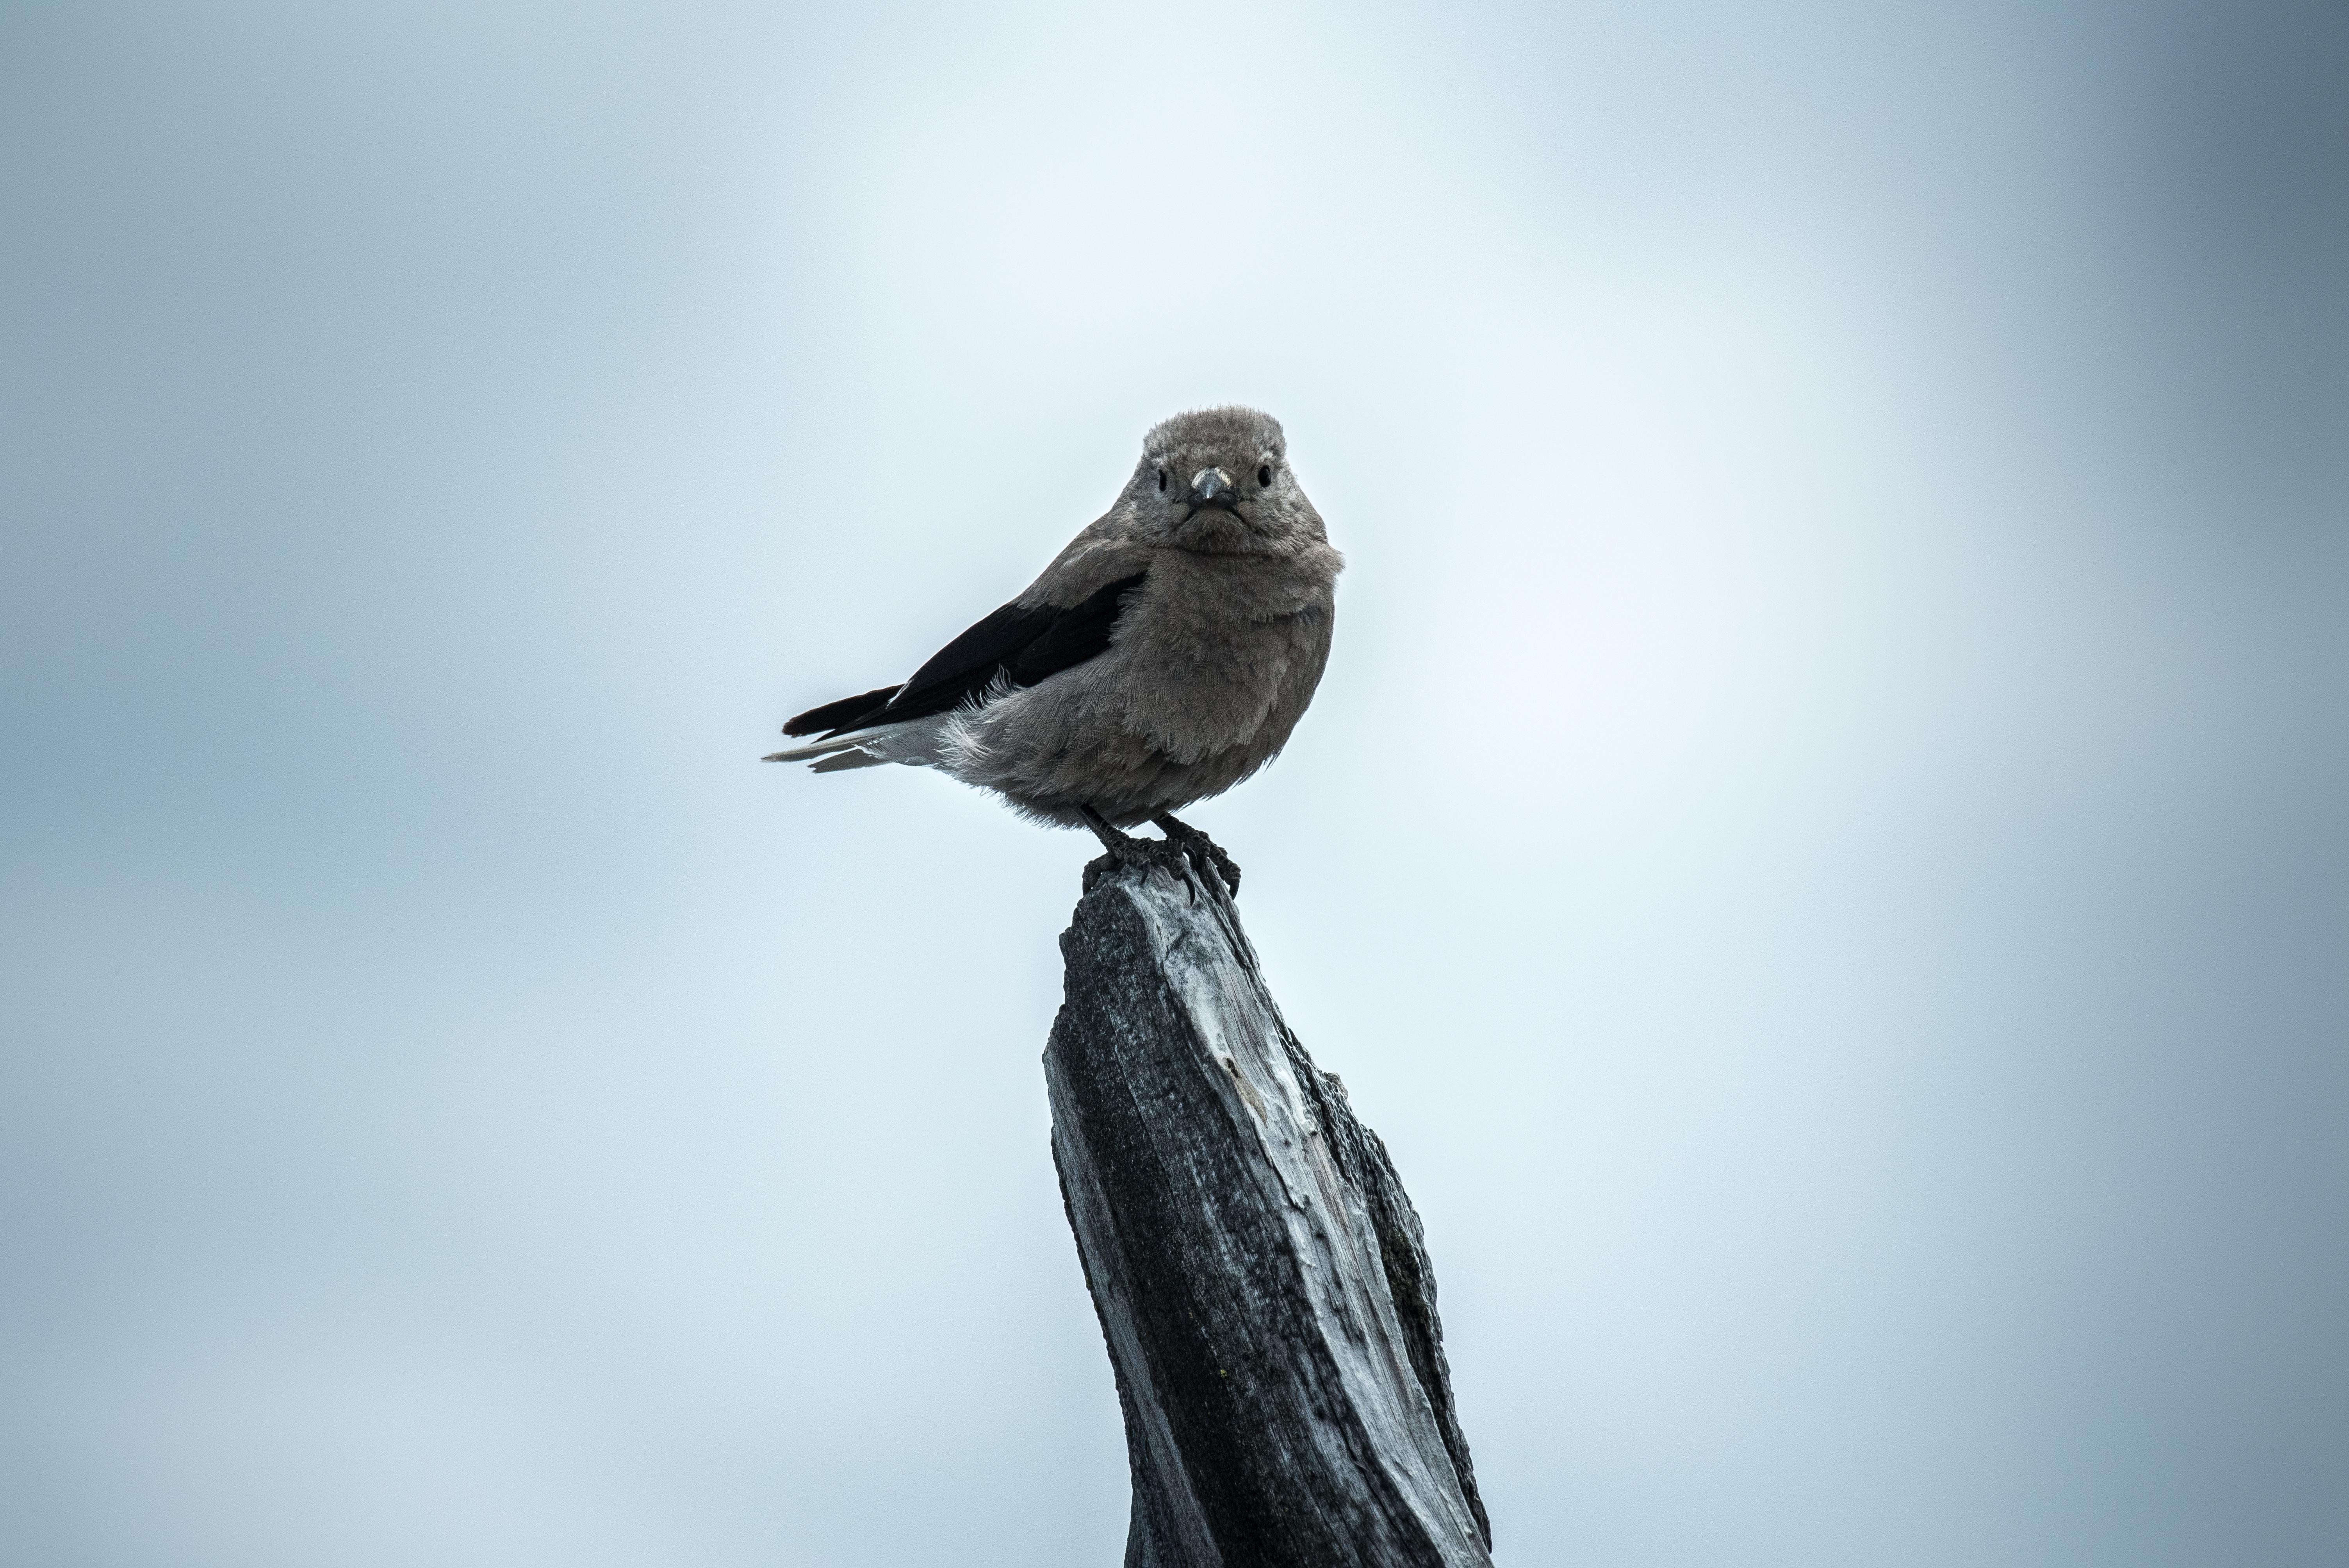 Δωρεάν μεγάλο λευκό πουλί φωτογραφίες